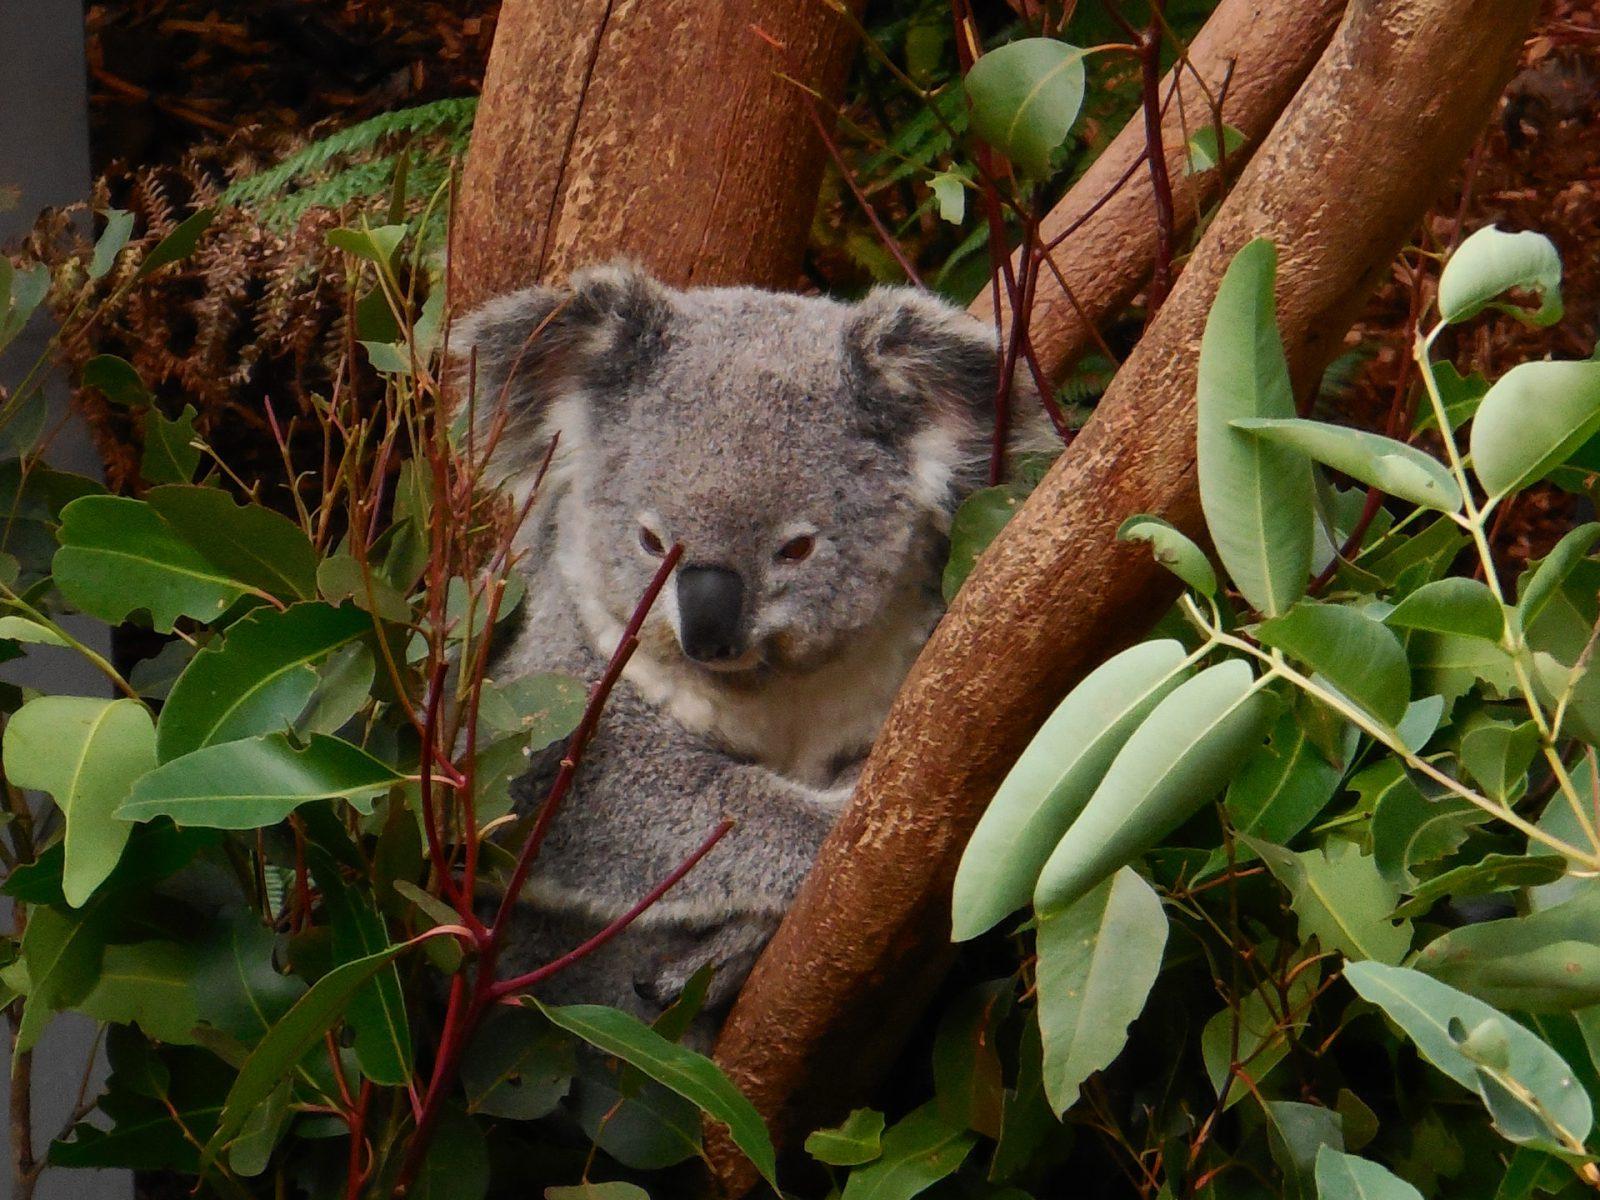 O coala quando pequeno é alimentado pela mãe, depois se alimenta de raízes e vegetais.